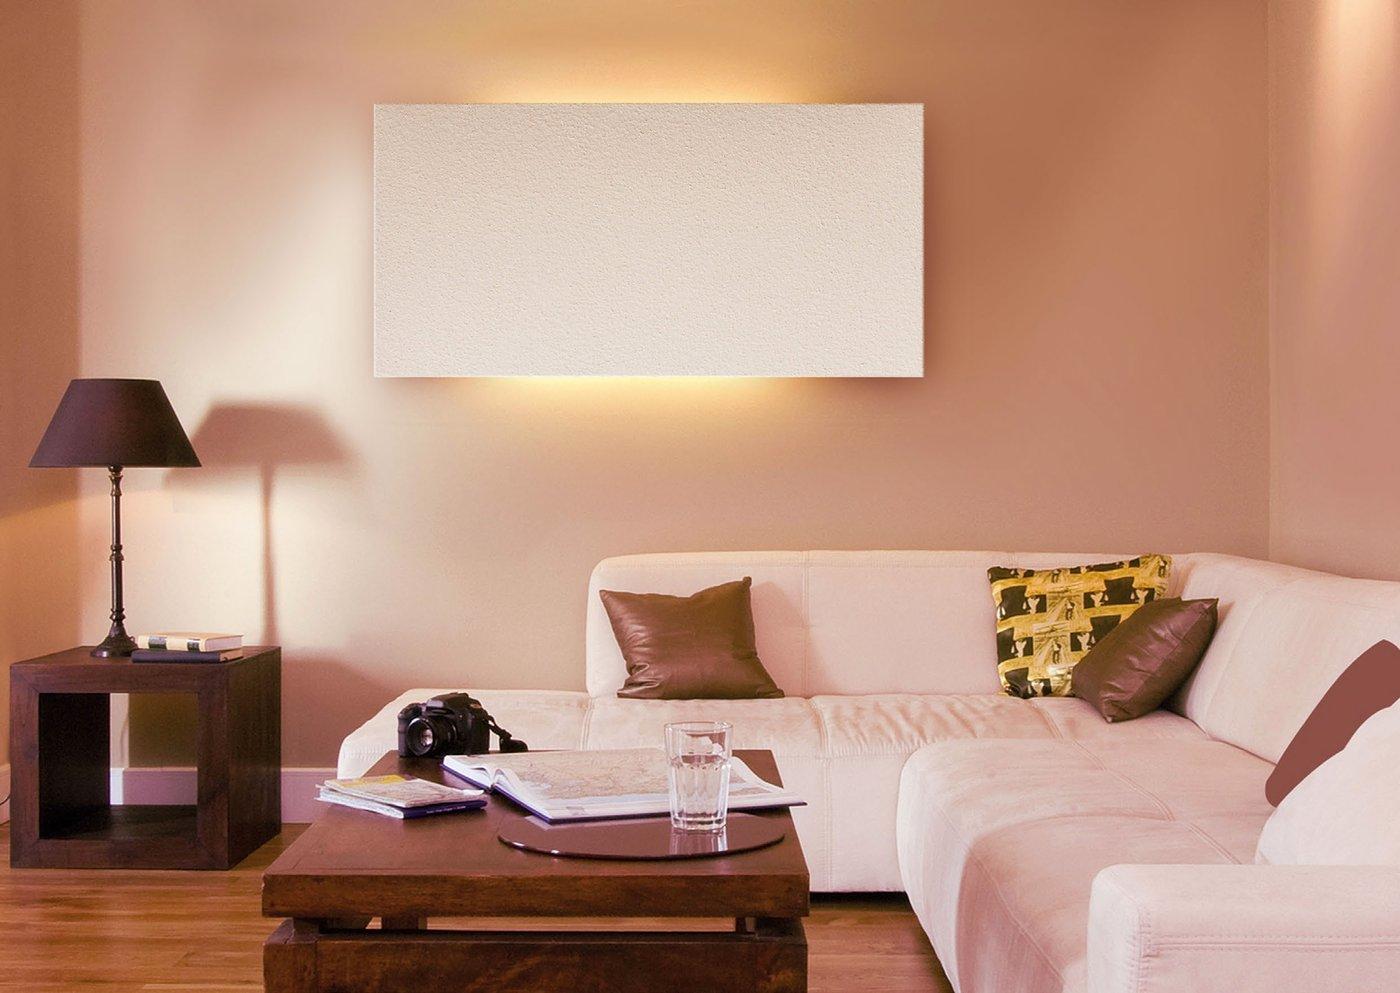 Infrarot Heizsysteme beratung häufige fragen antworten design heating